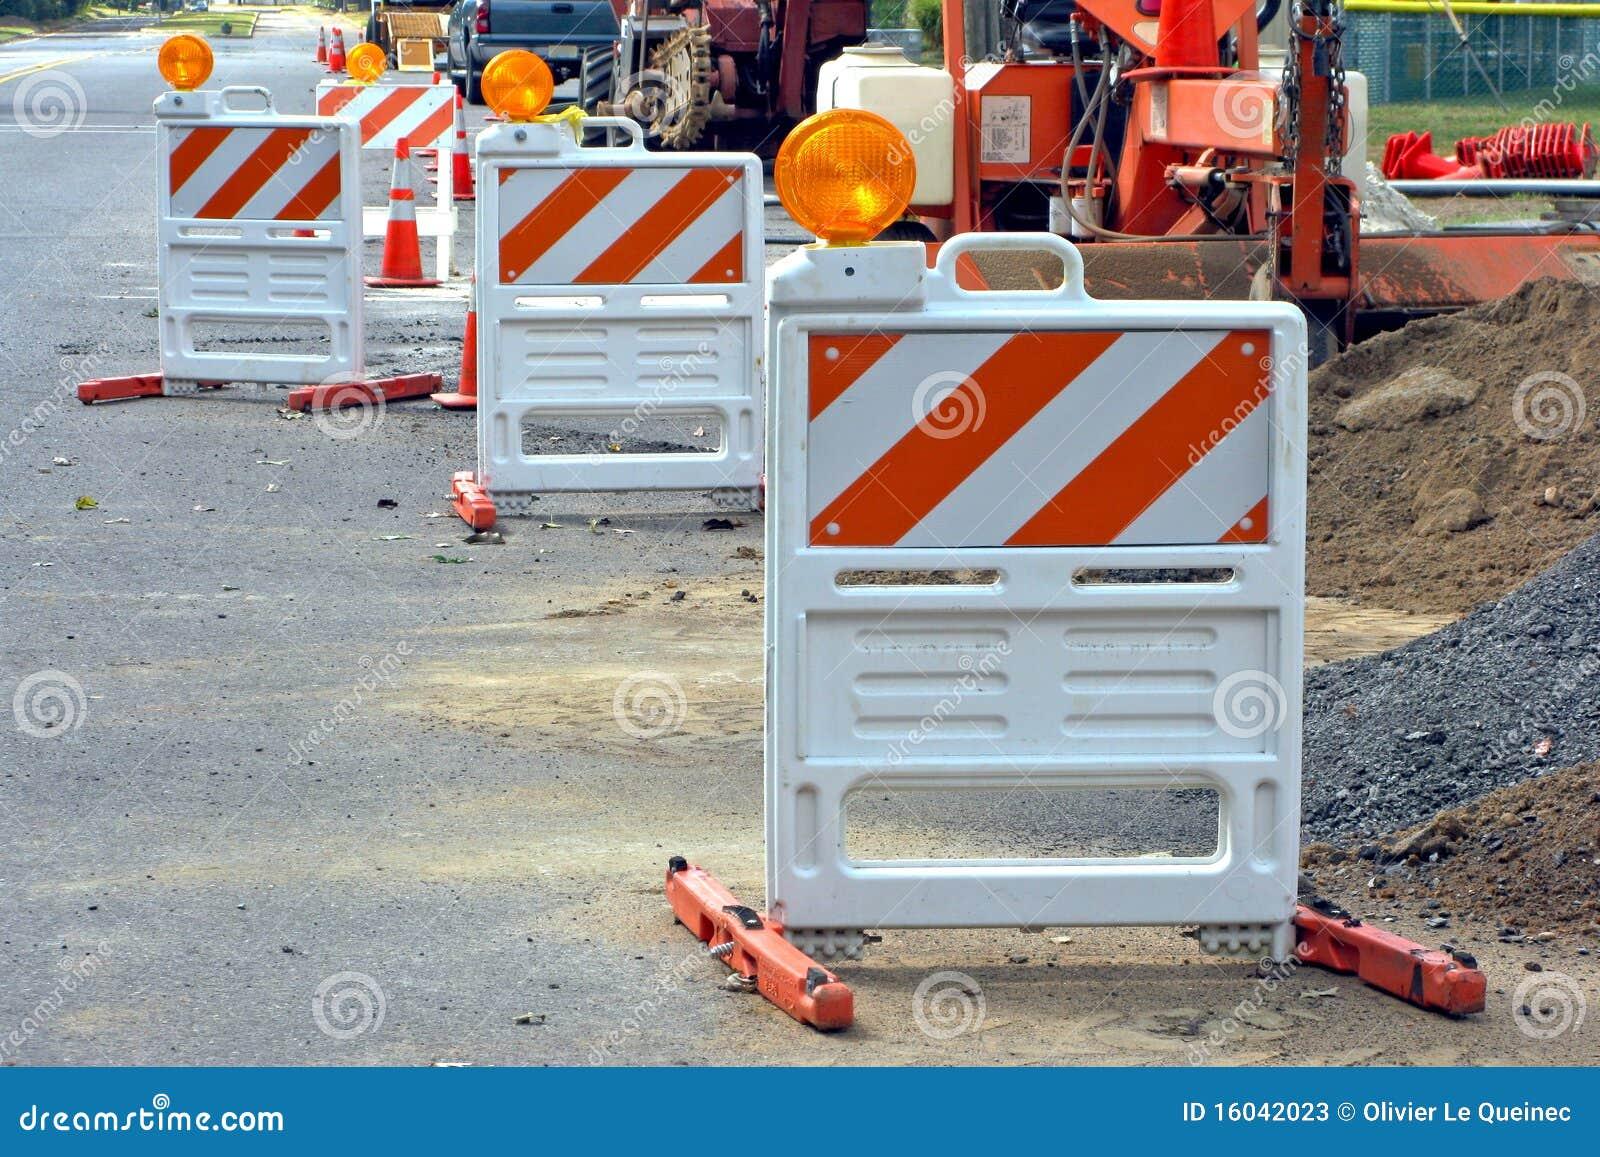 Barrières de circulation au site de construction de routes